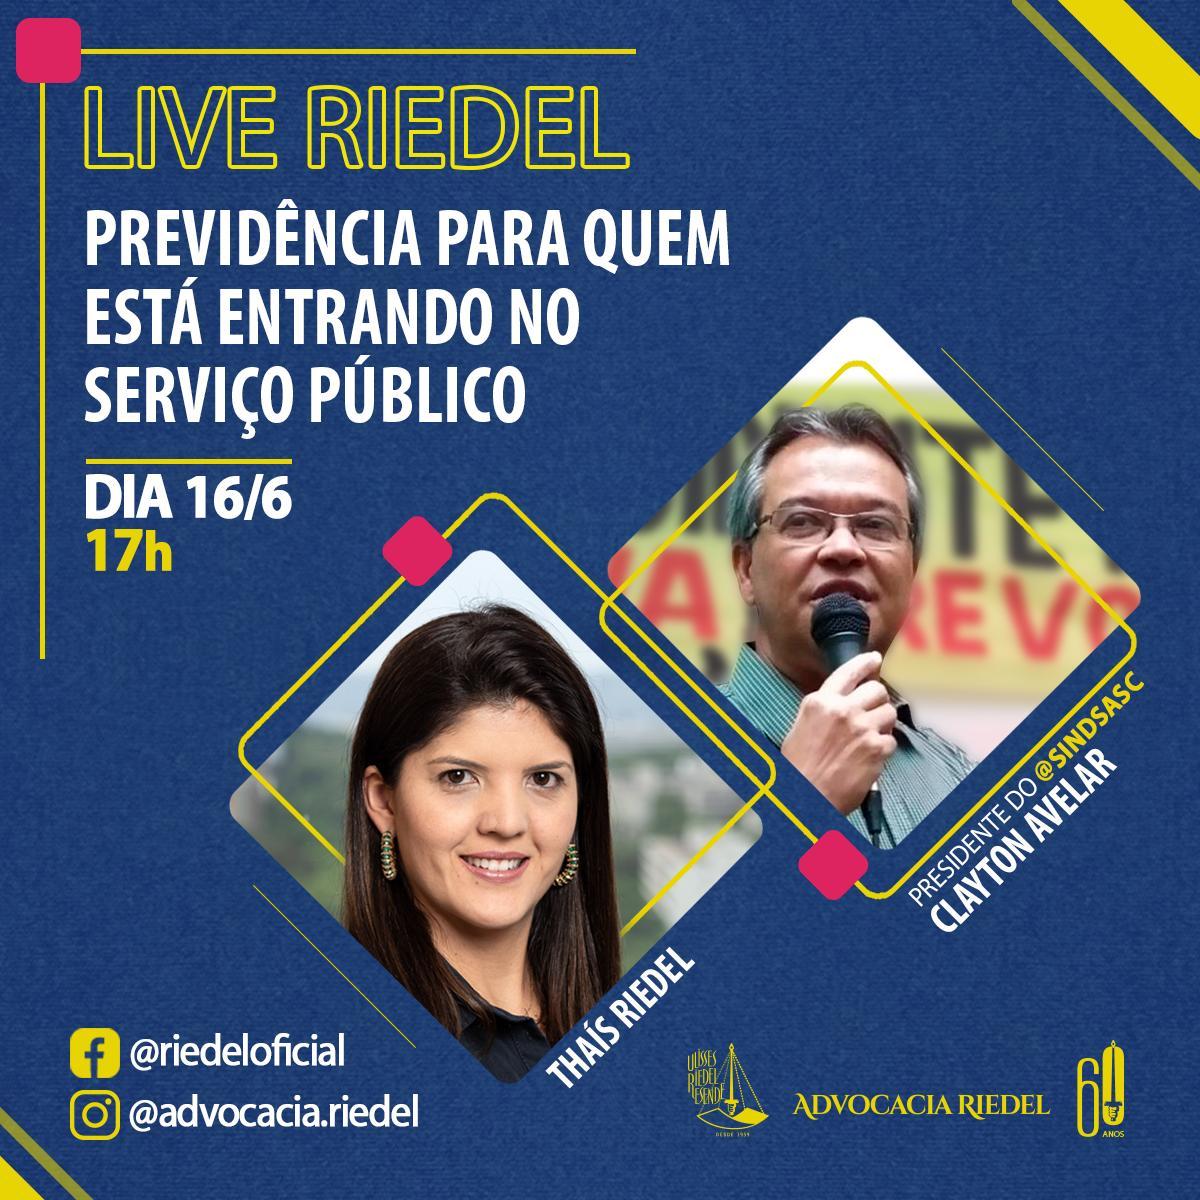 LIVE RIEDEL - PREVIDÊNCIA PARA QUEM ESTÁ ENTRANDO NO SERVIÇO PÚBLICO